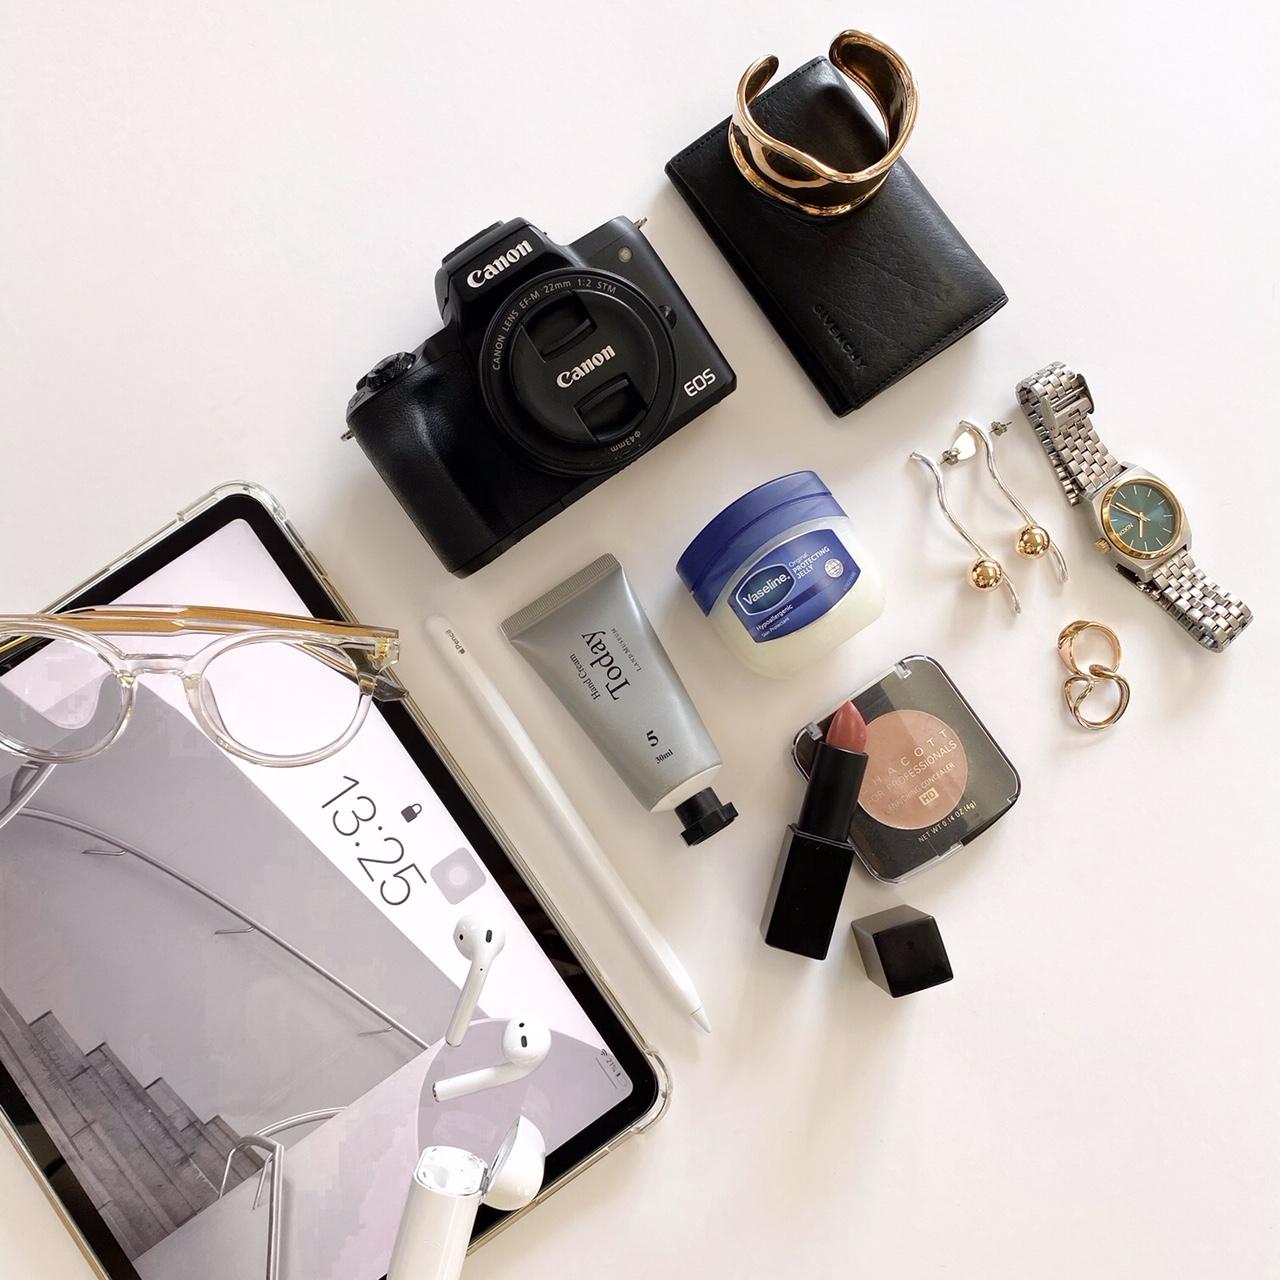 【バッグの中身07】クリエイター・影山カレンさんのマストハブアイテムは、iPad Proとマスクのかすれ防止に使える『Vaseline』! _1